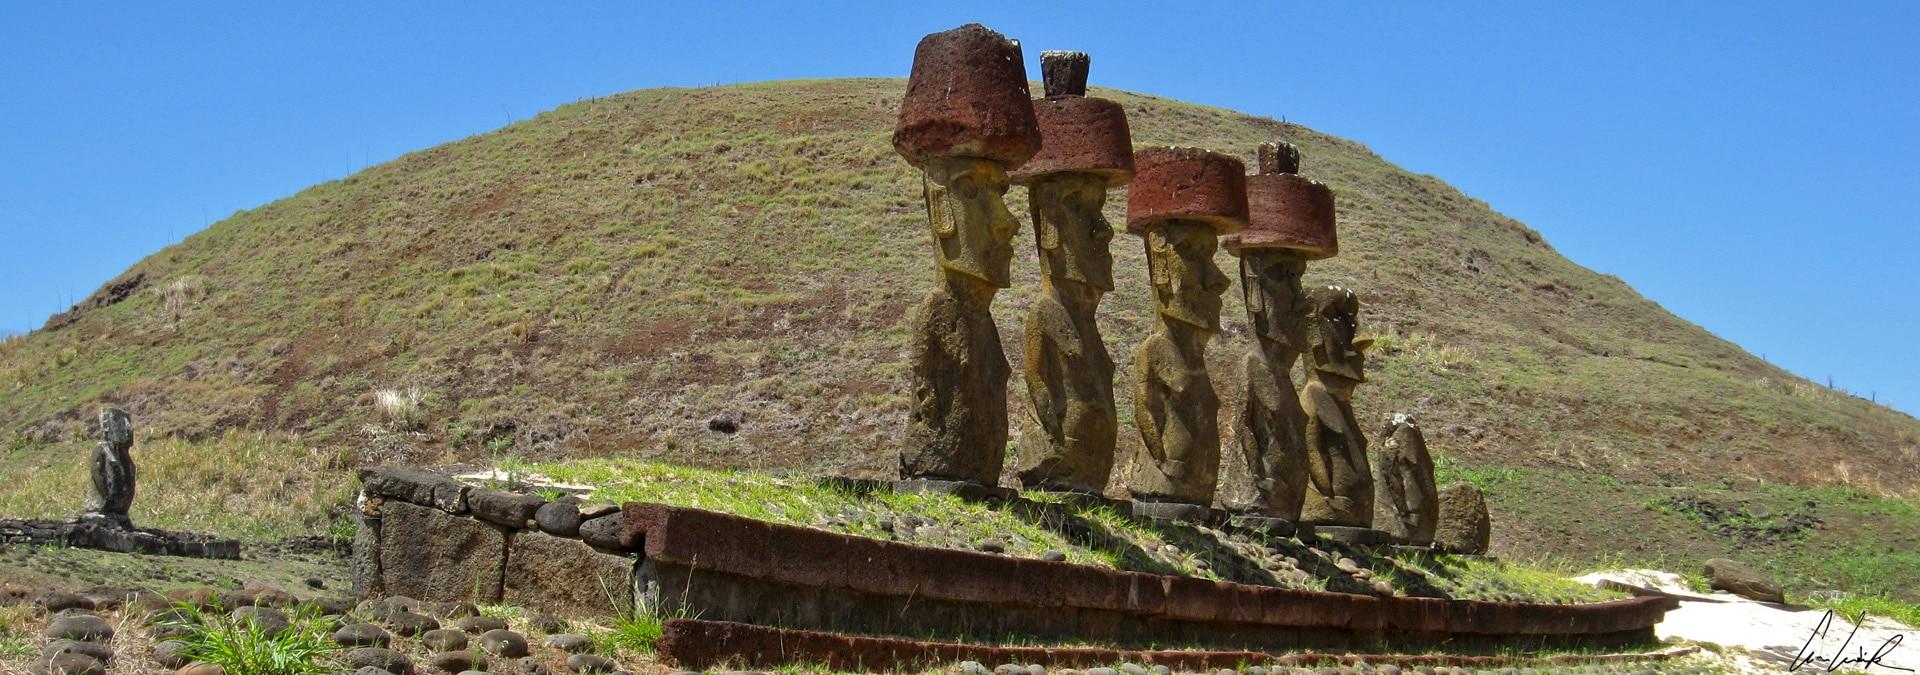 L'île de Pâques, la mystérieuse Rapa Nui